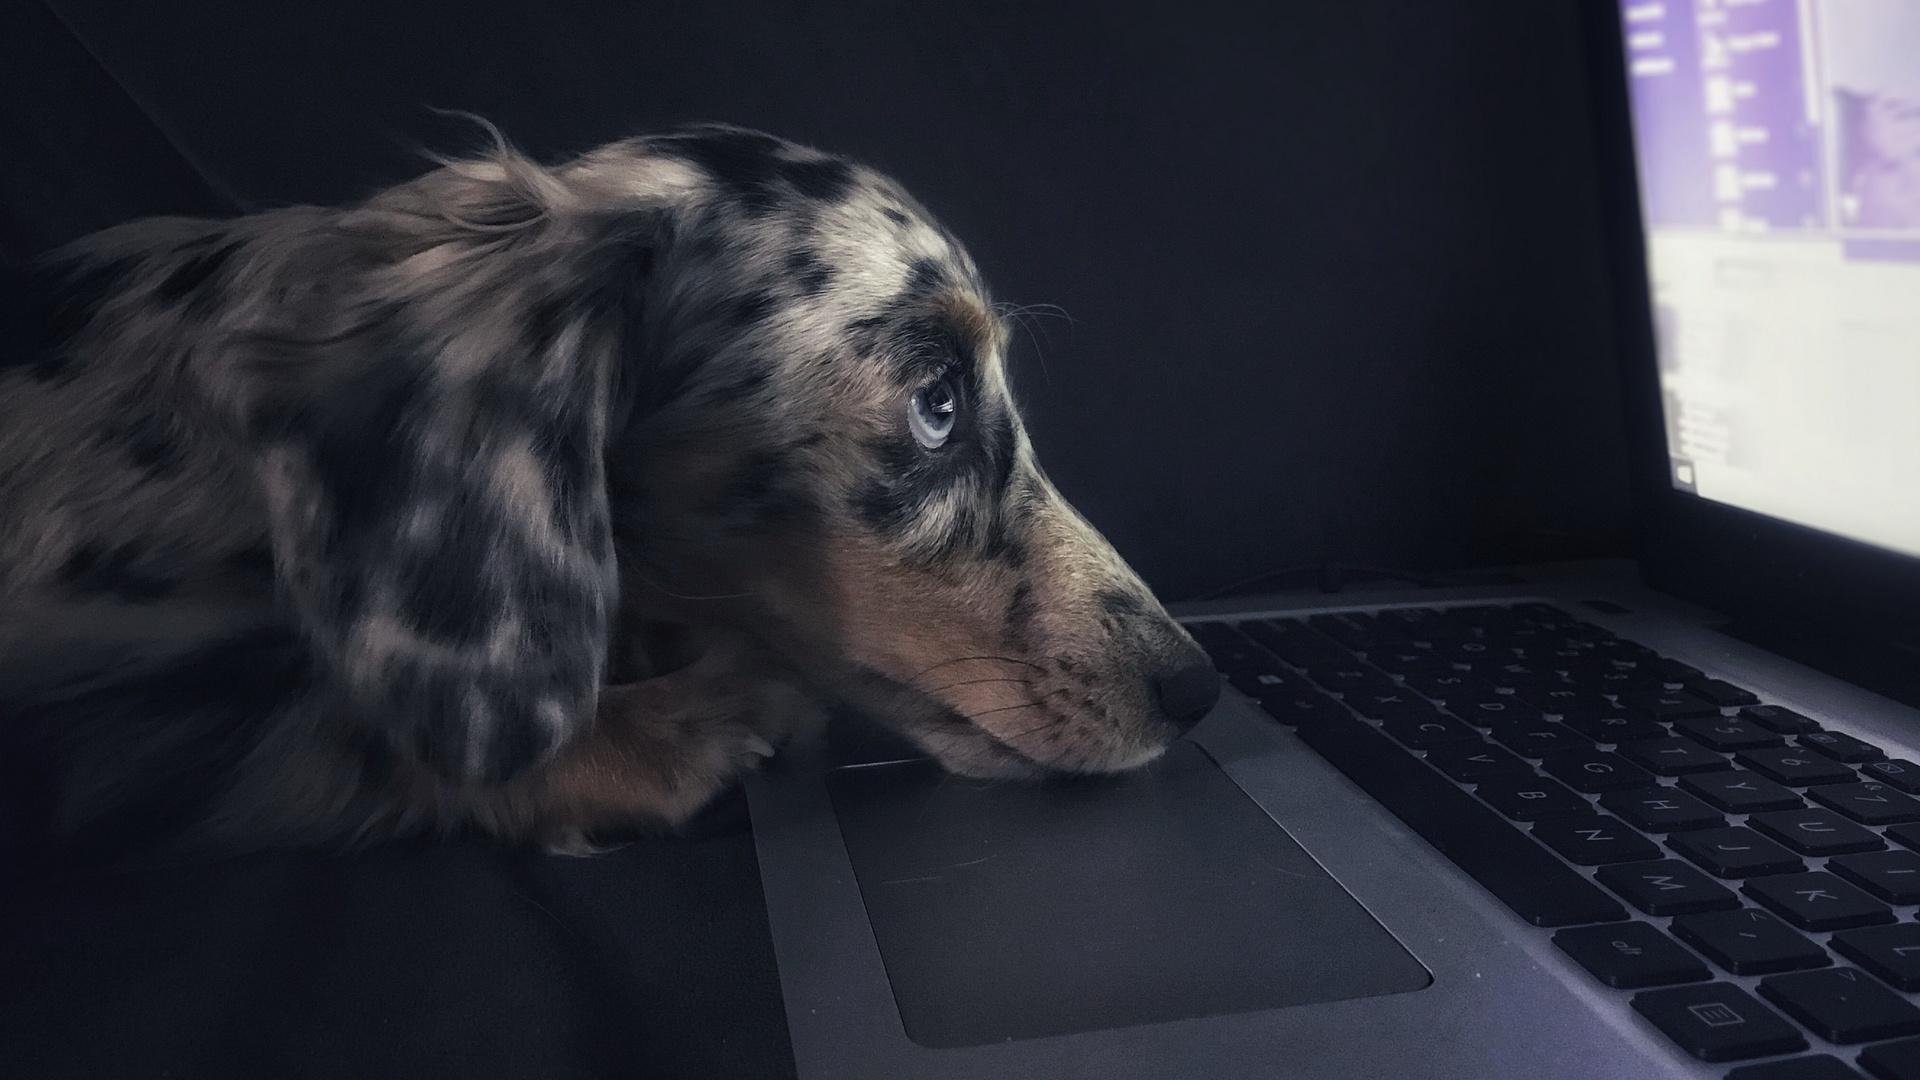 собака, клавиатура, ноутбук